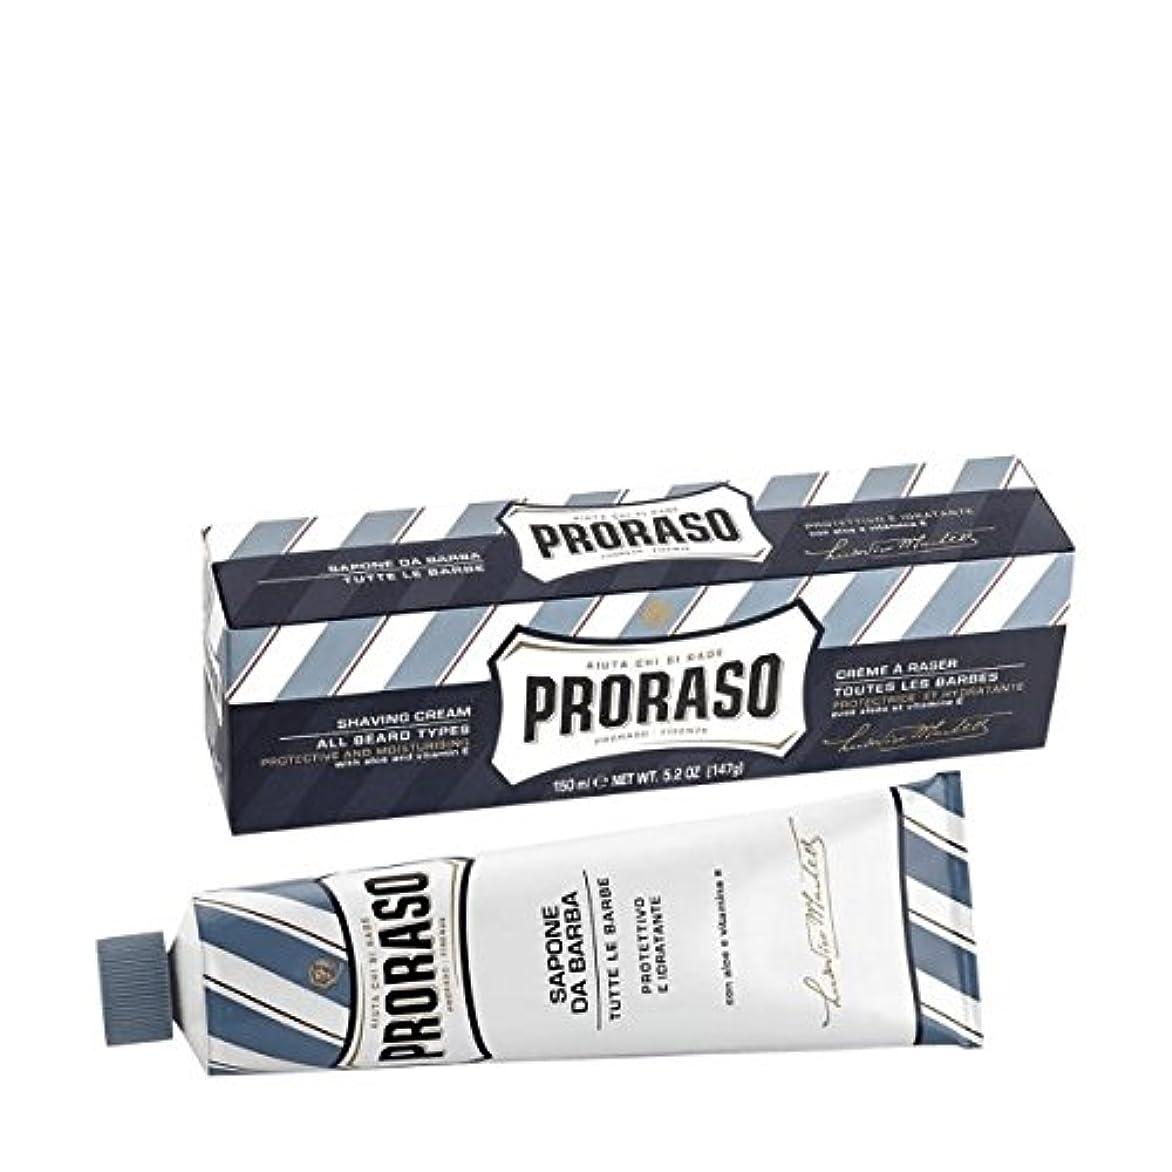 実験的動機Proraso シェービングクリームチューブプロテクティブ150ml[海外直送品] [並行輸入品]